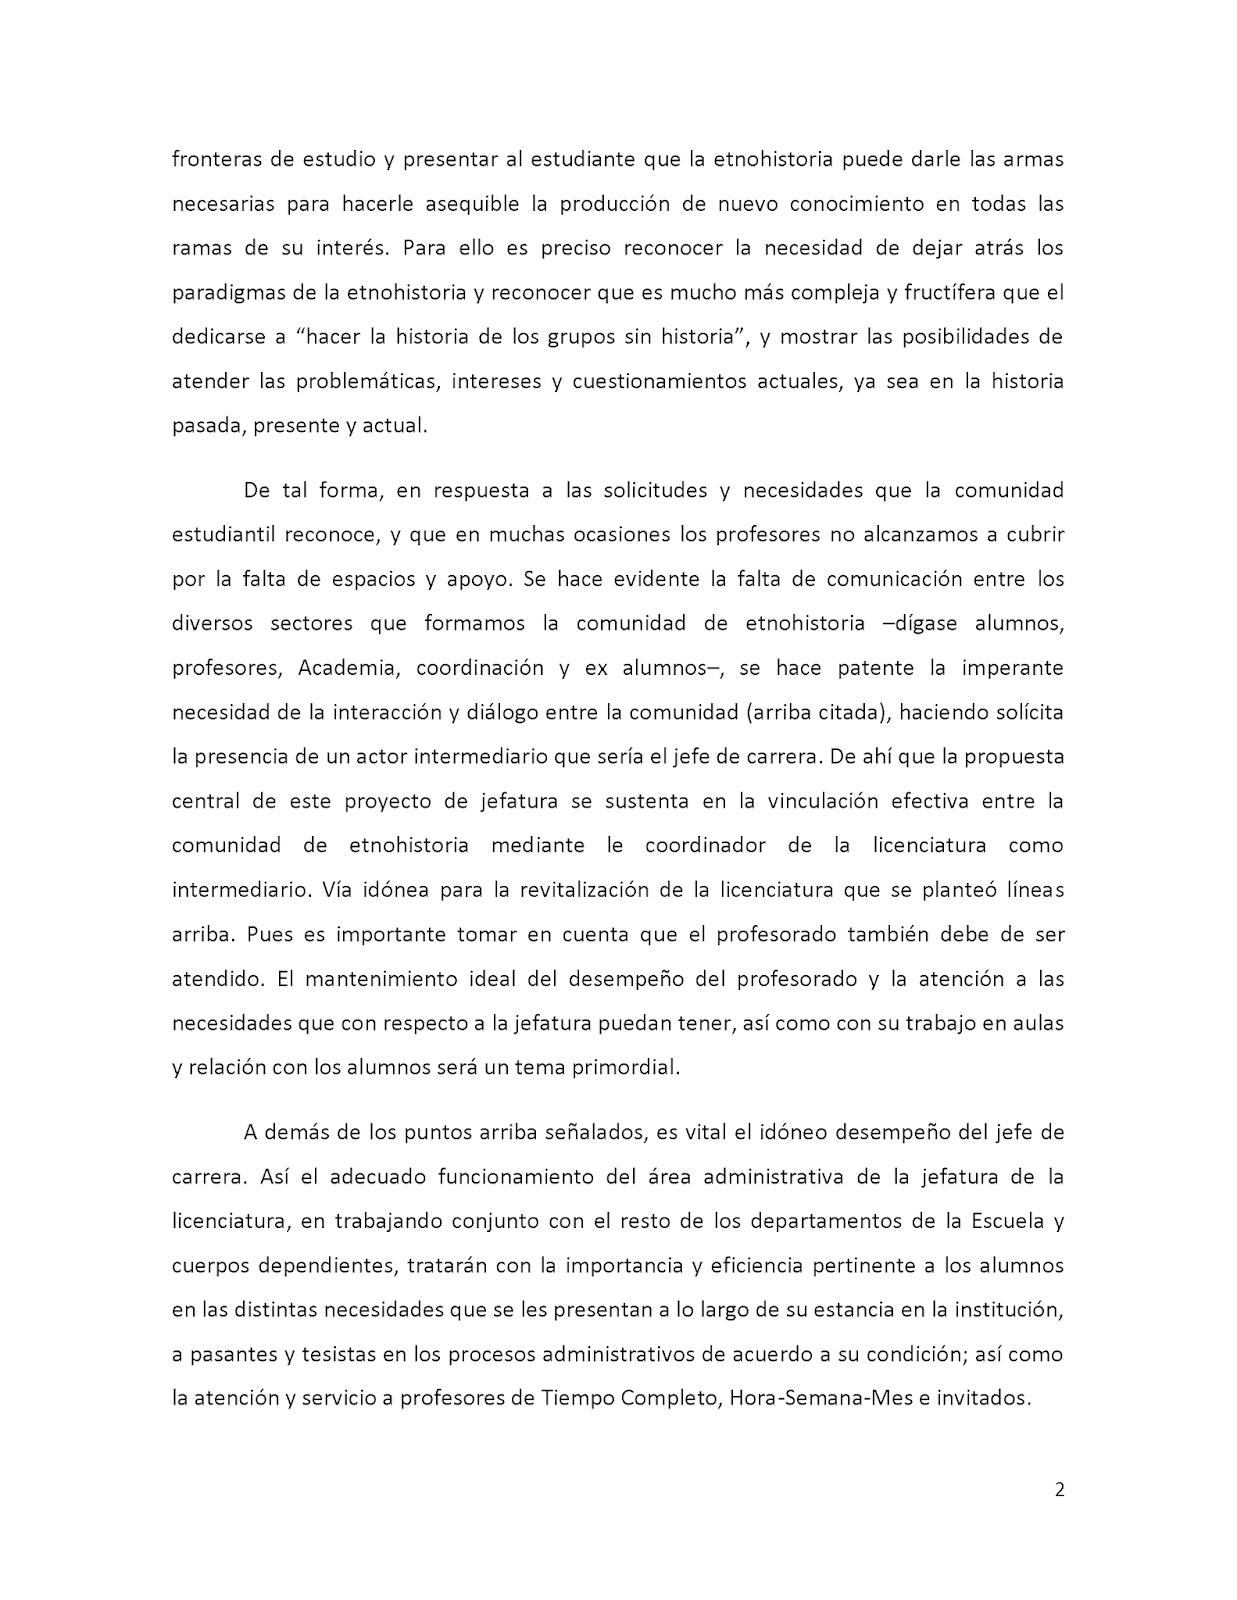 Etnohistoria ENAH Blog: Proyecto de Trabajo para la Jefatura de ...